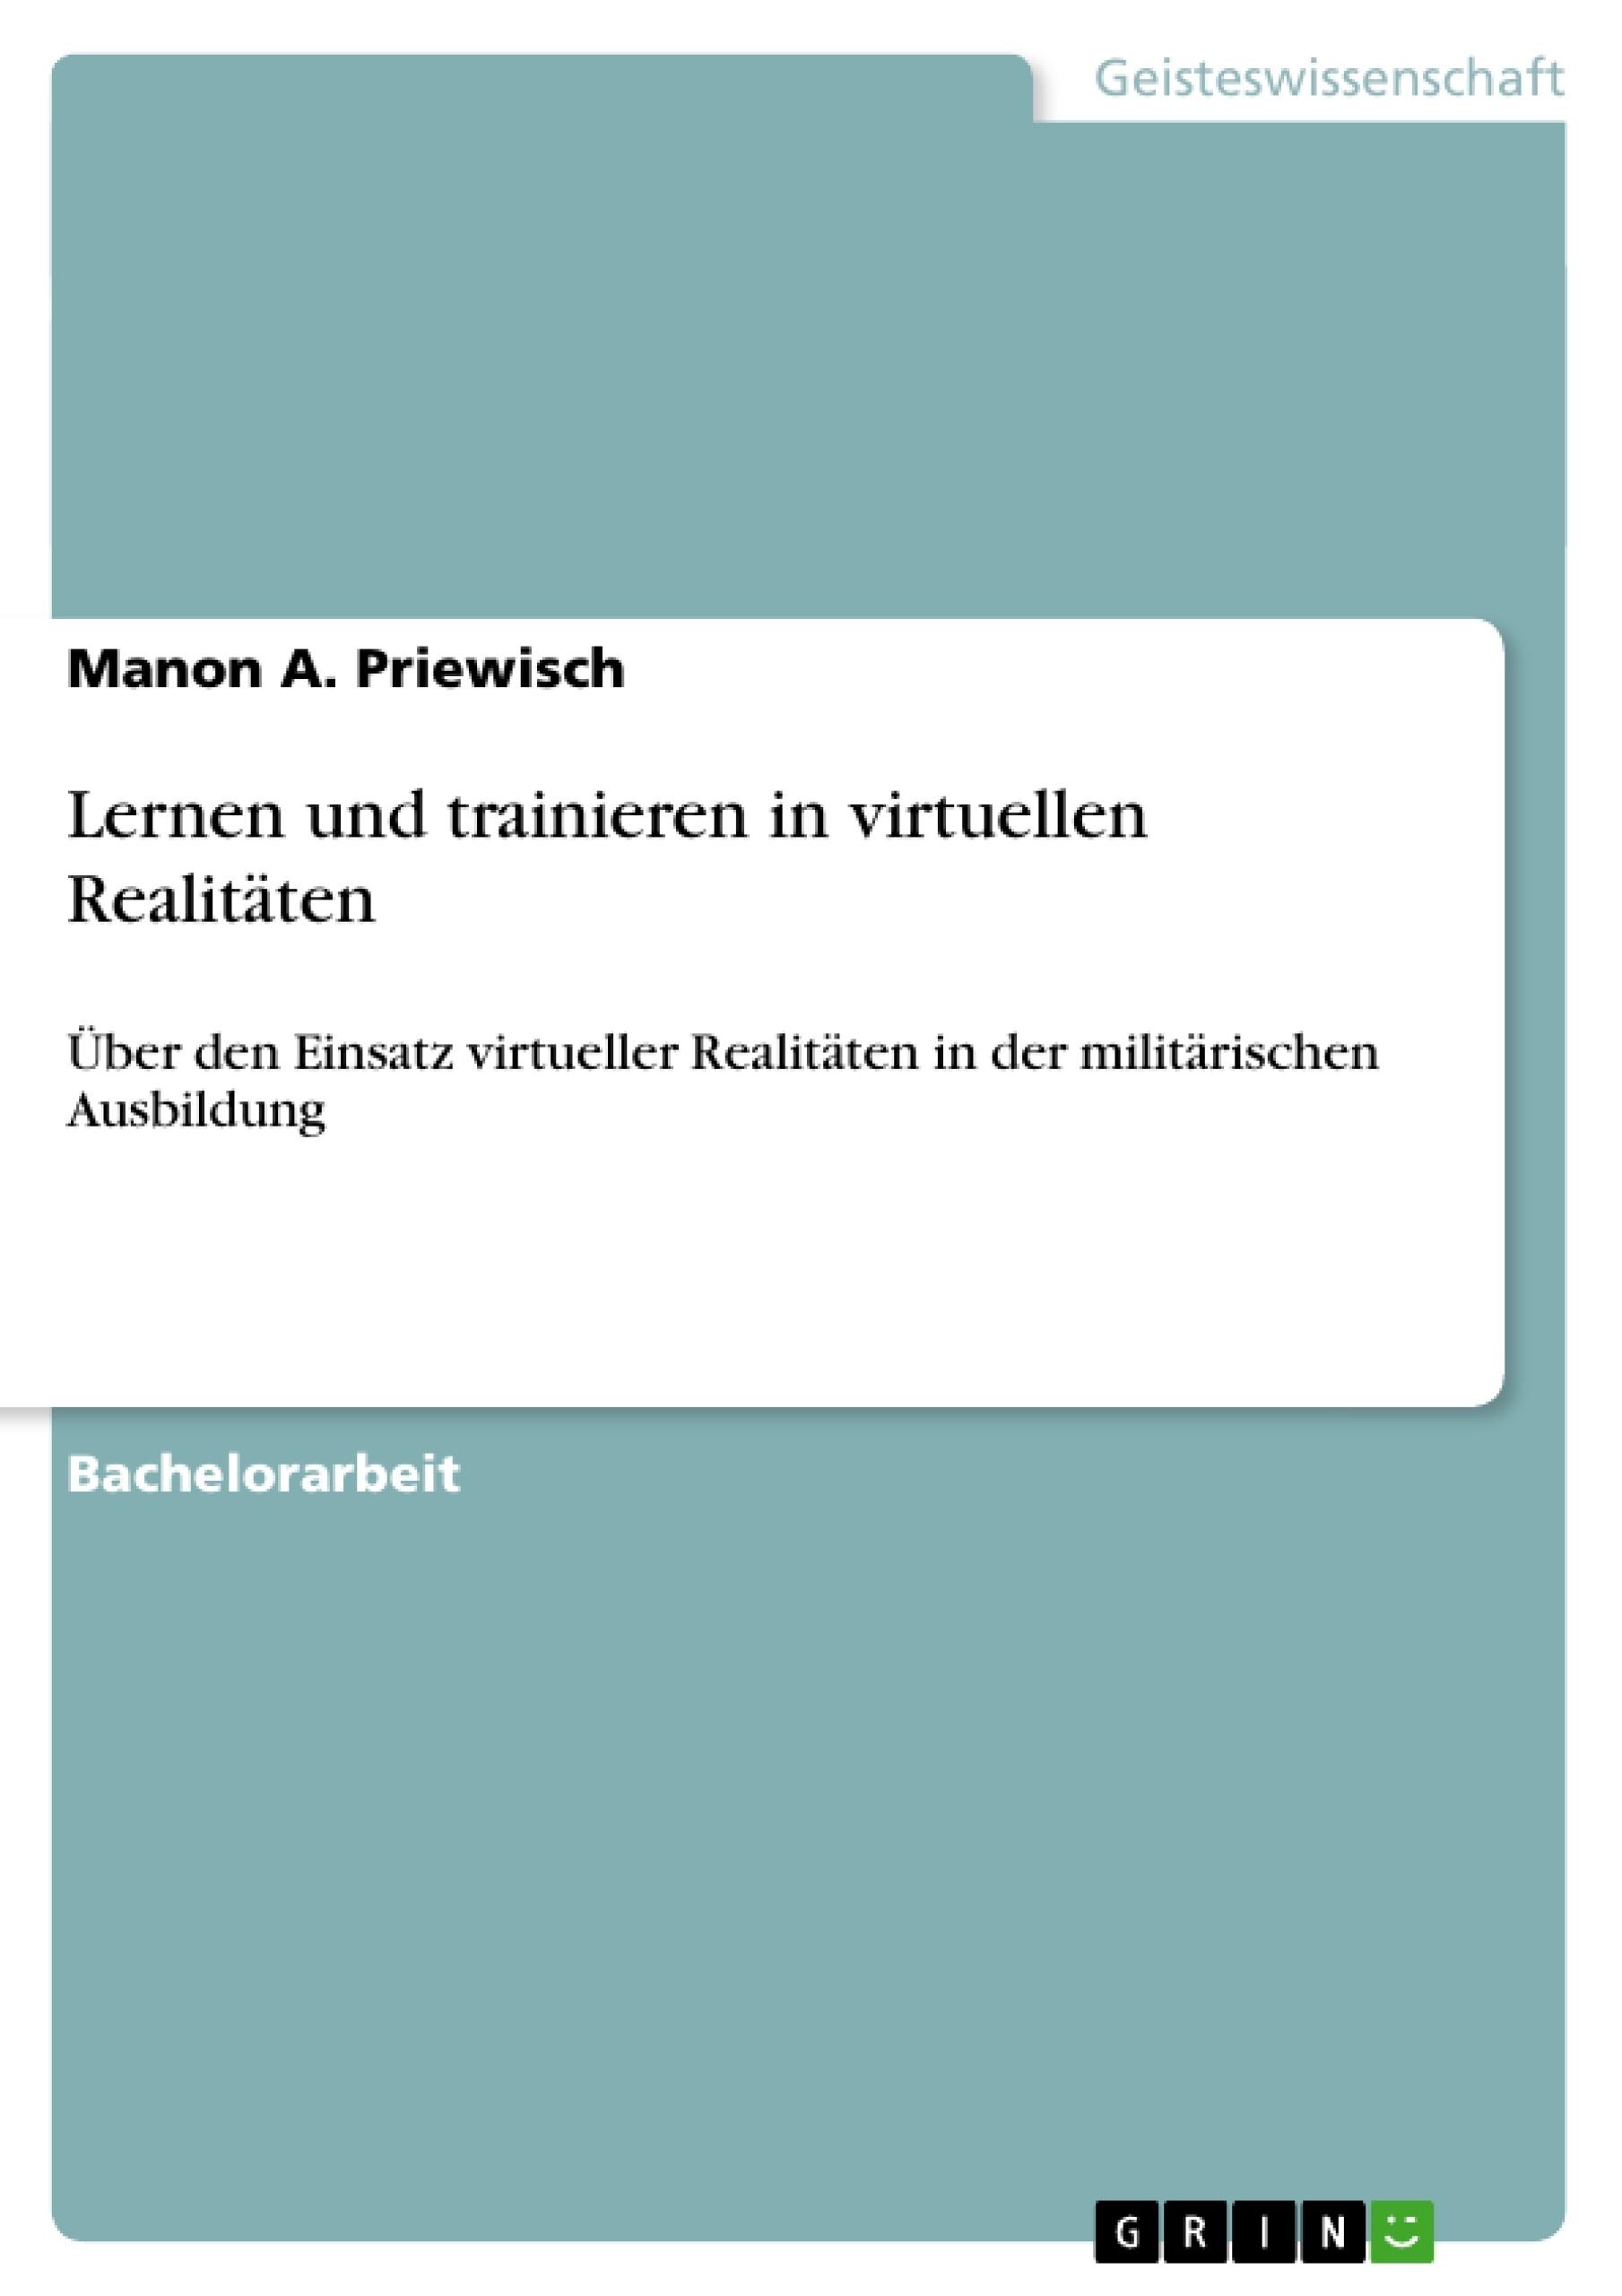 Titel: Lernen und trainieren in virtuellen Realitäten